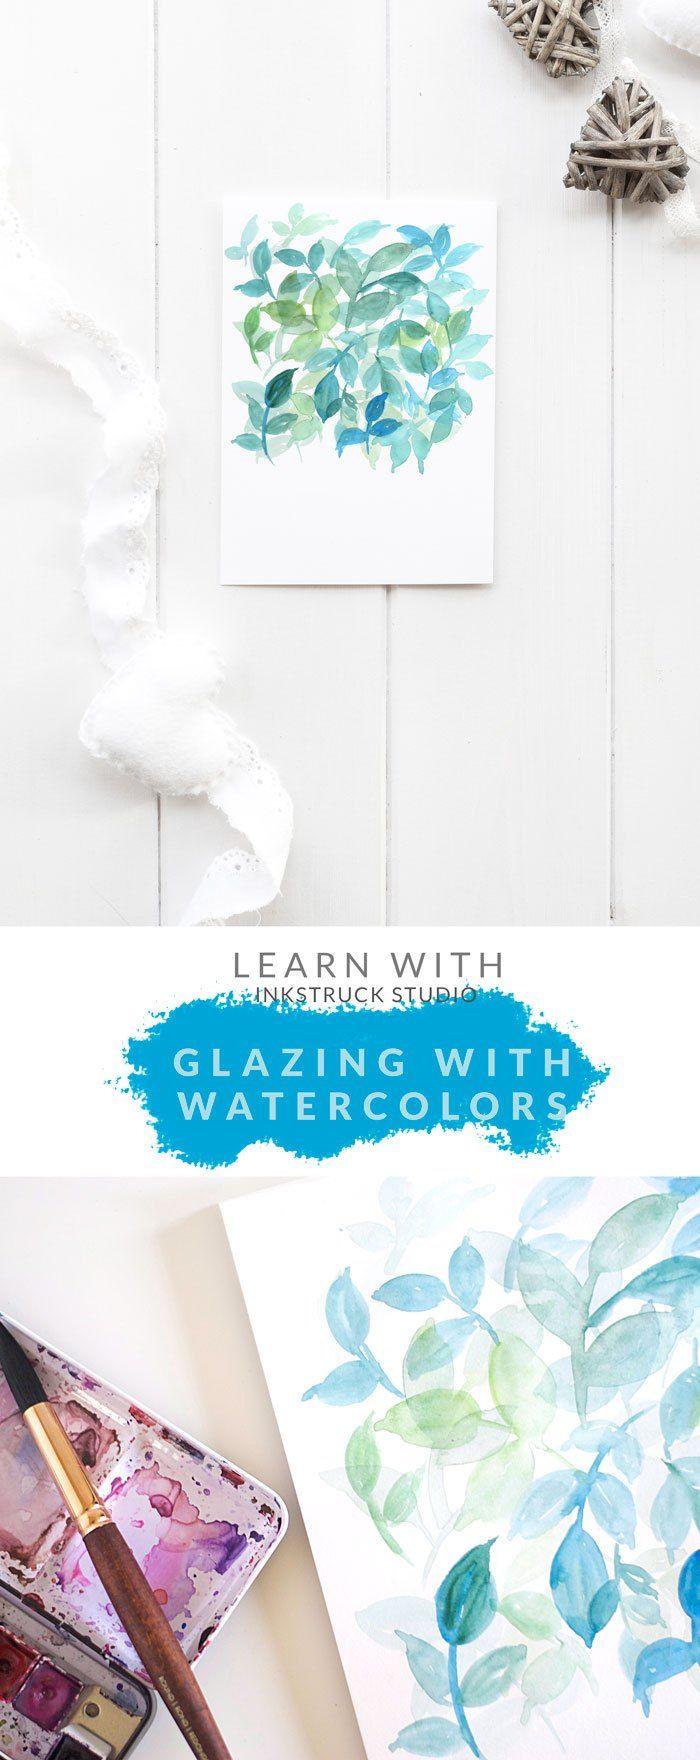 Transparencias con acuarelas Watercolor glazing technique